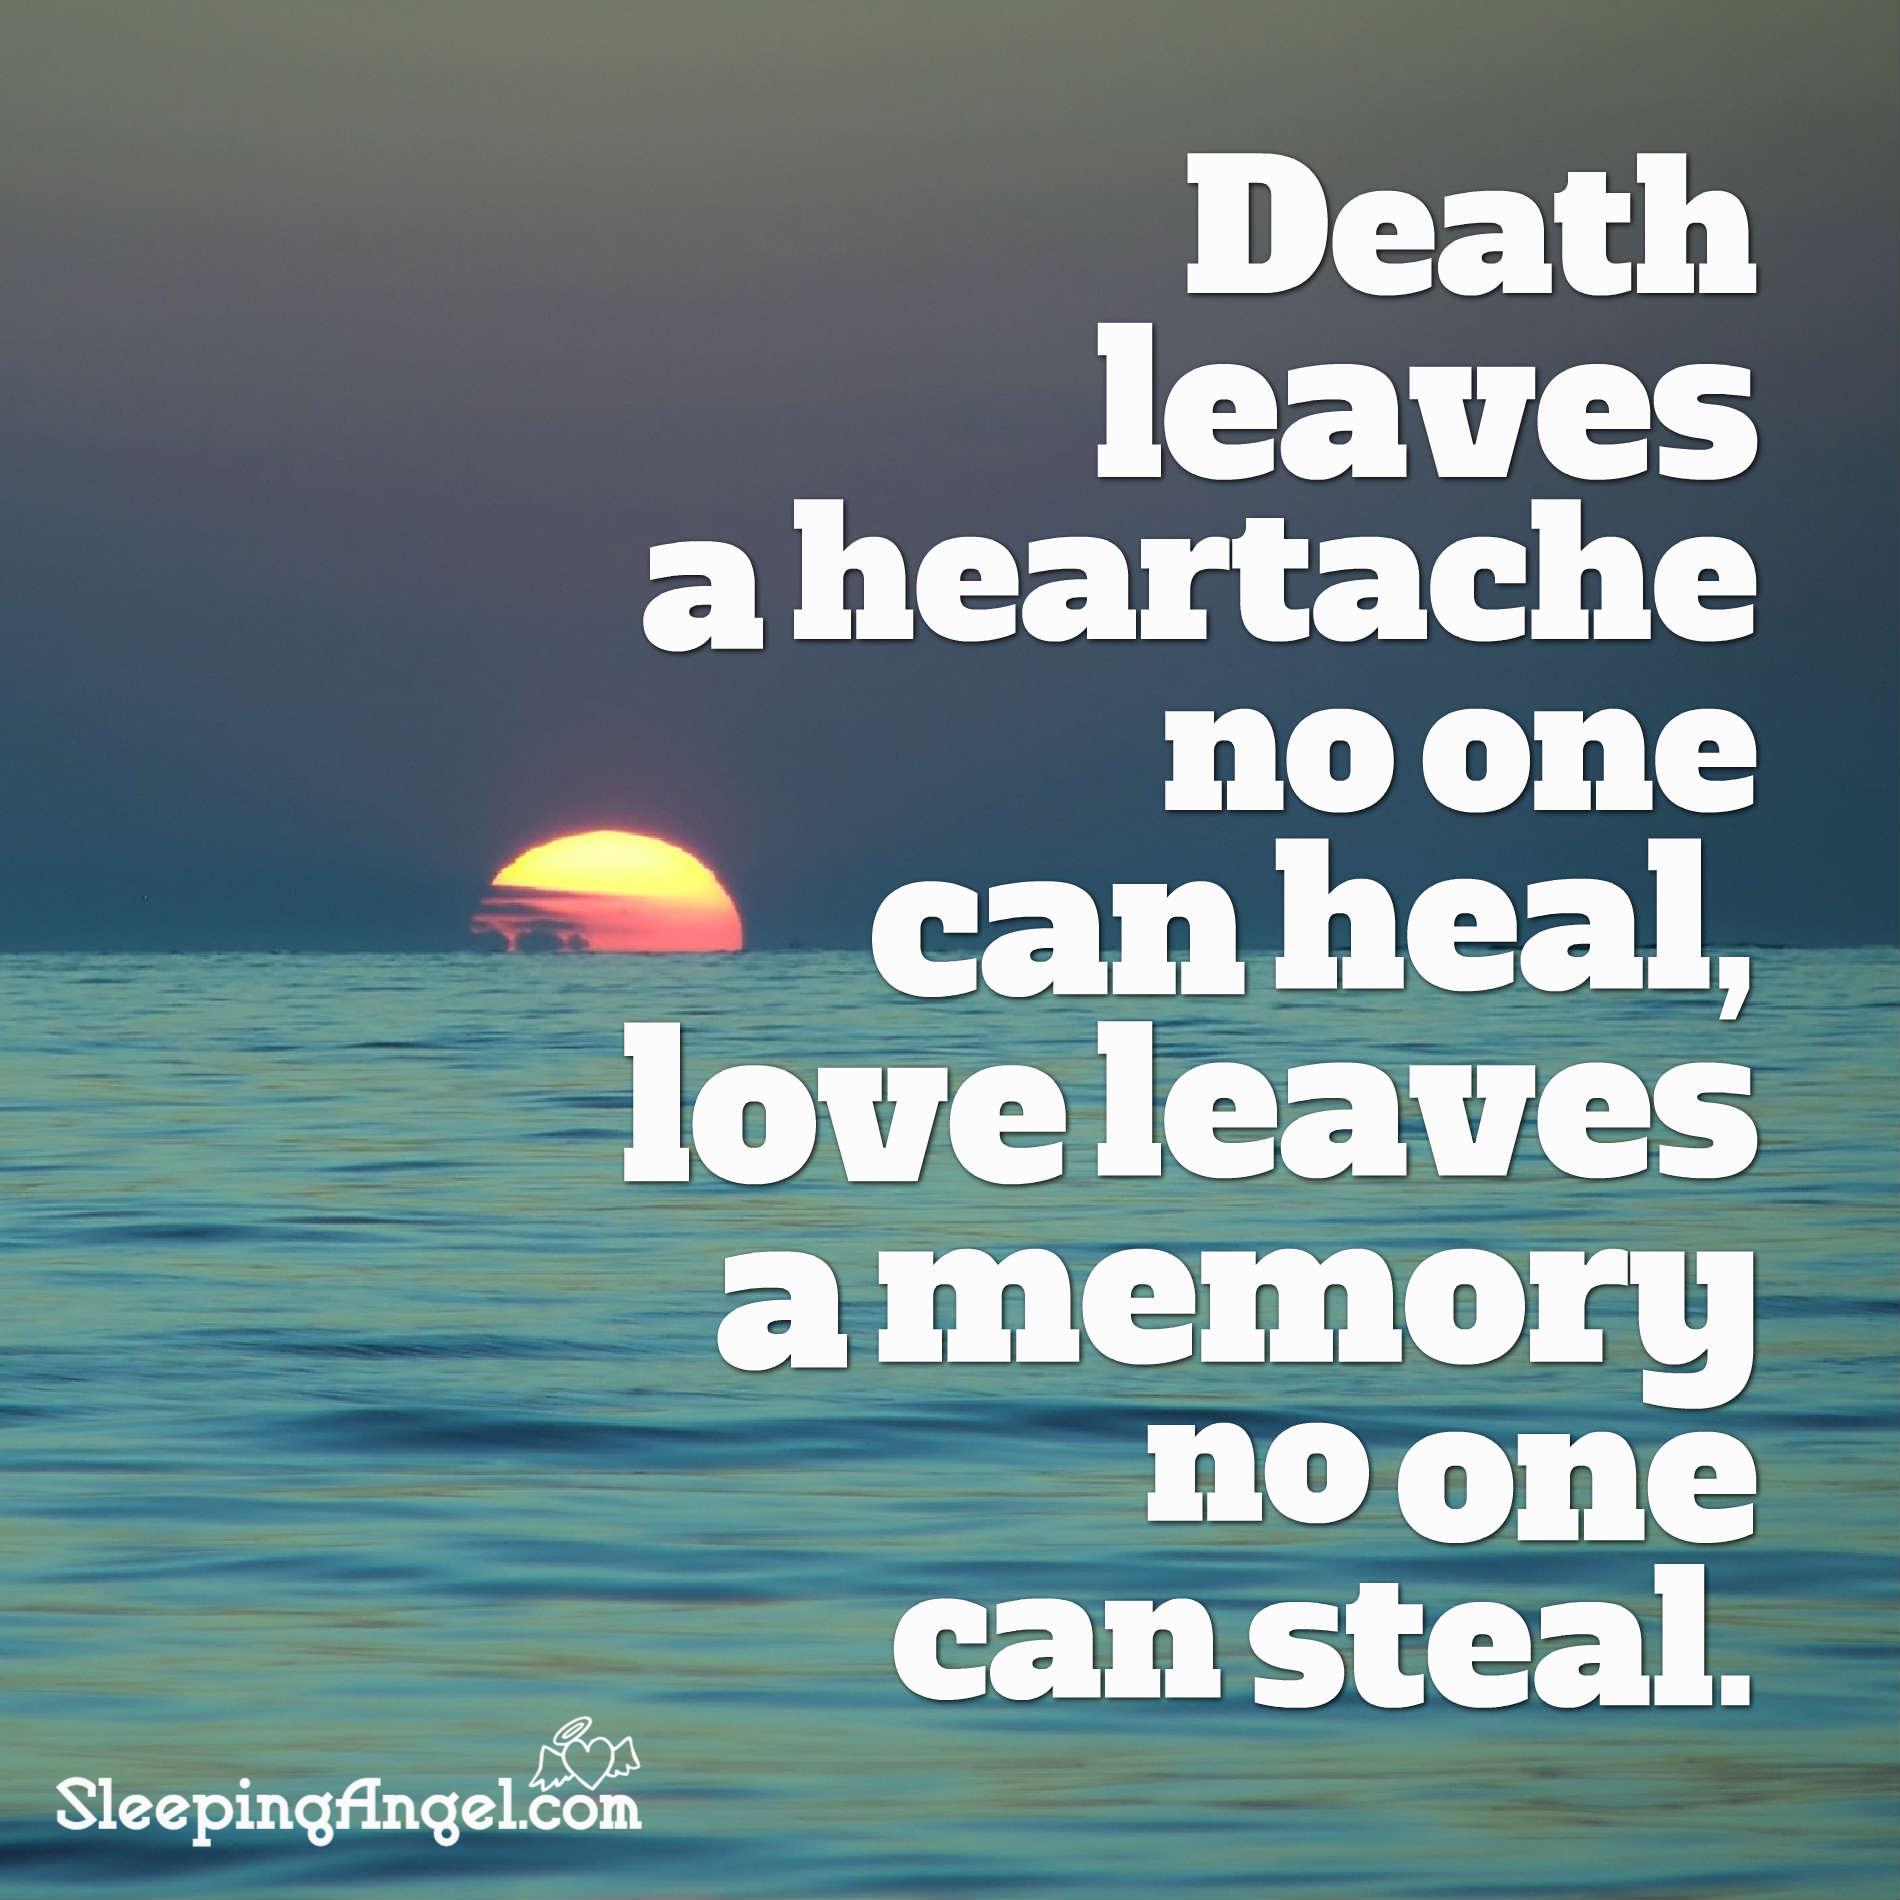 Heartache and Love Quote